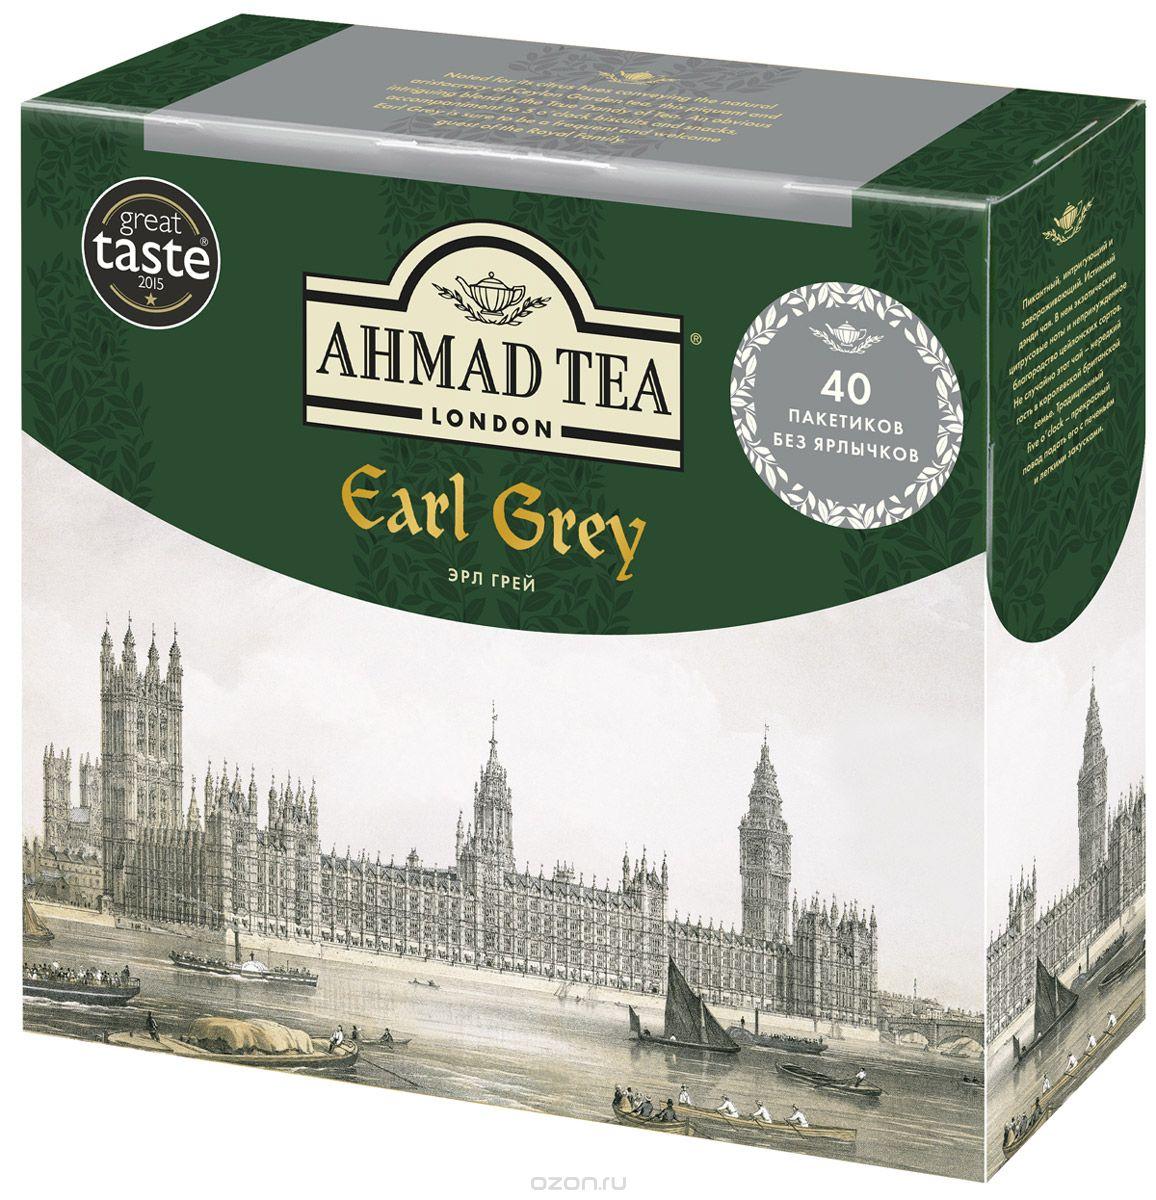 Ahmad Tea Earl Grey черный чай в пакетиках без ярлычков, 40 шт682-3Ahmad Tea Earl Grey - это изысканное сочетание чая высшего качества и волшебного аромата бергамота в совершенном исполнении. Этот ароматный напиток раскроет вам секрет семейного благополучия. Уважаемые клиенты! Обращаем ваше внимание на то, что упаковка может иметь несколько видов дизайна. Поставка осуществляется в зависимости от наличия на складе.